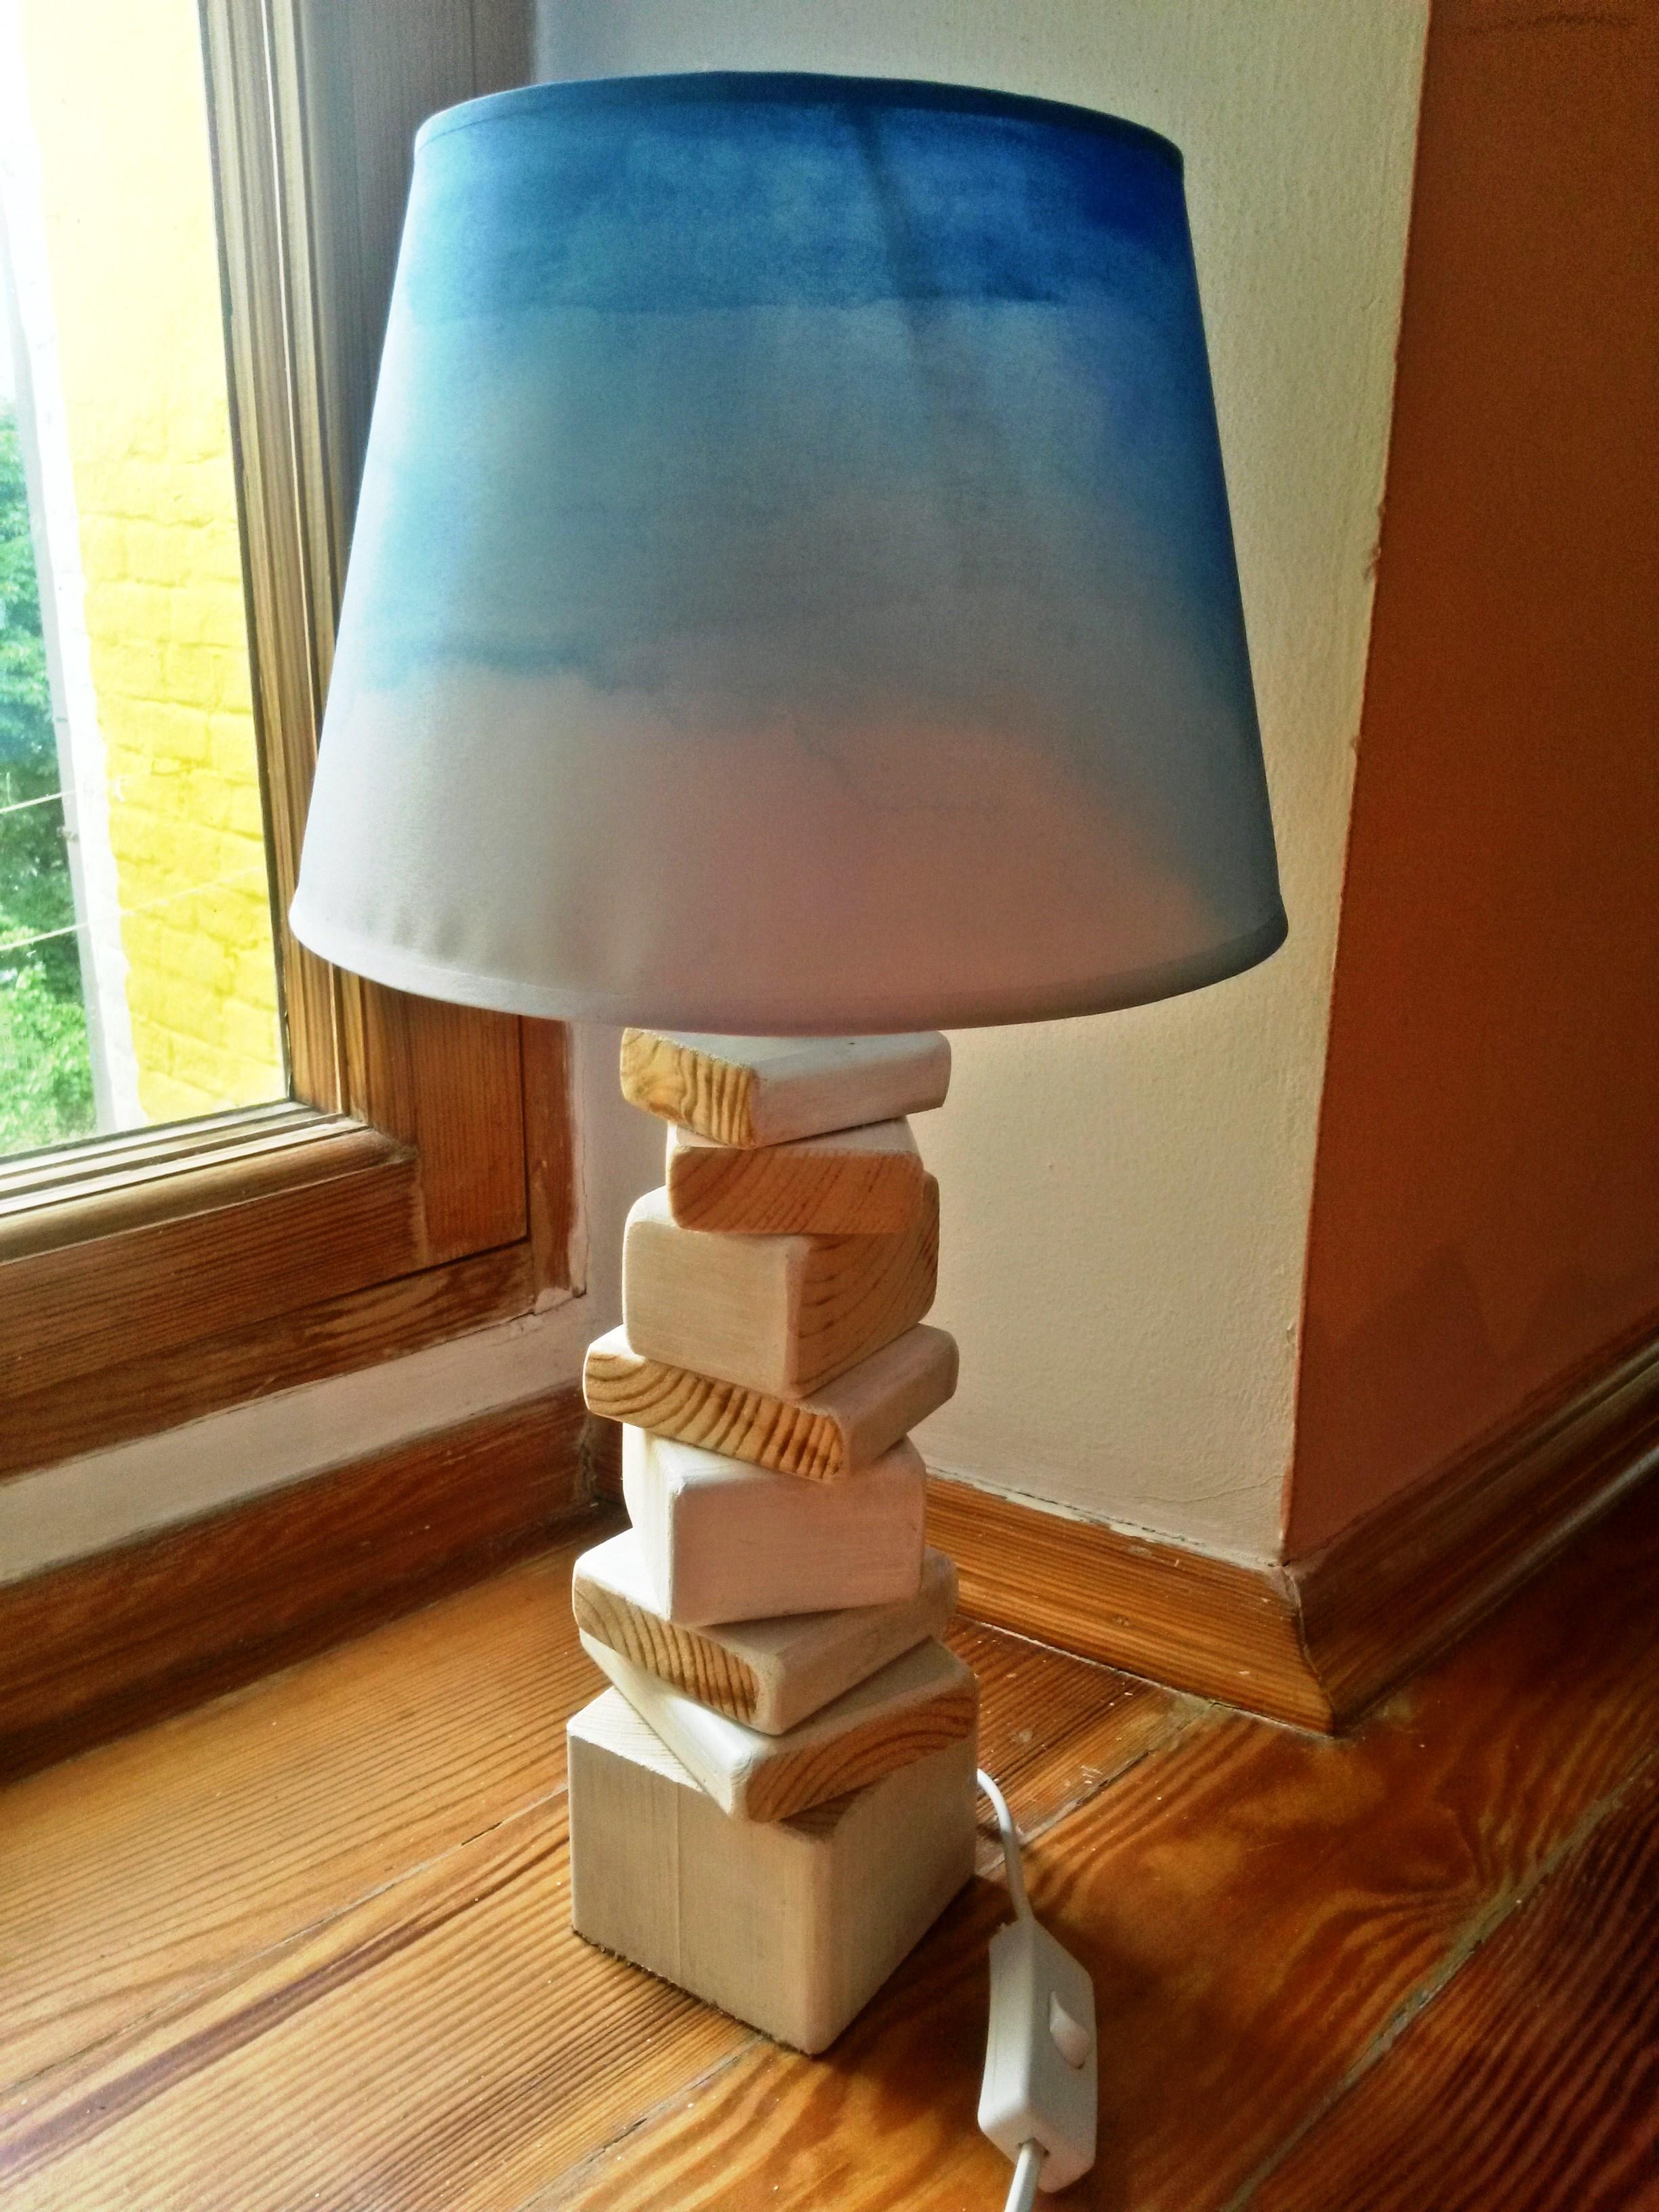 Top 10 Wooden Lamps Handmade 2020 Warisan Lighting